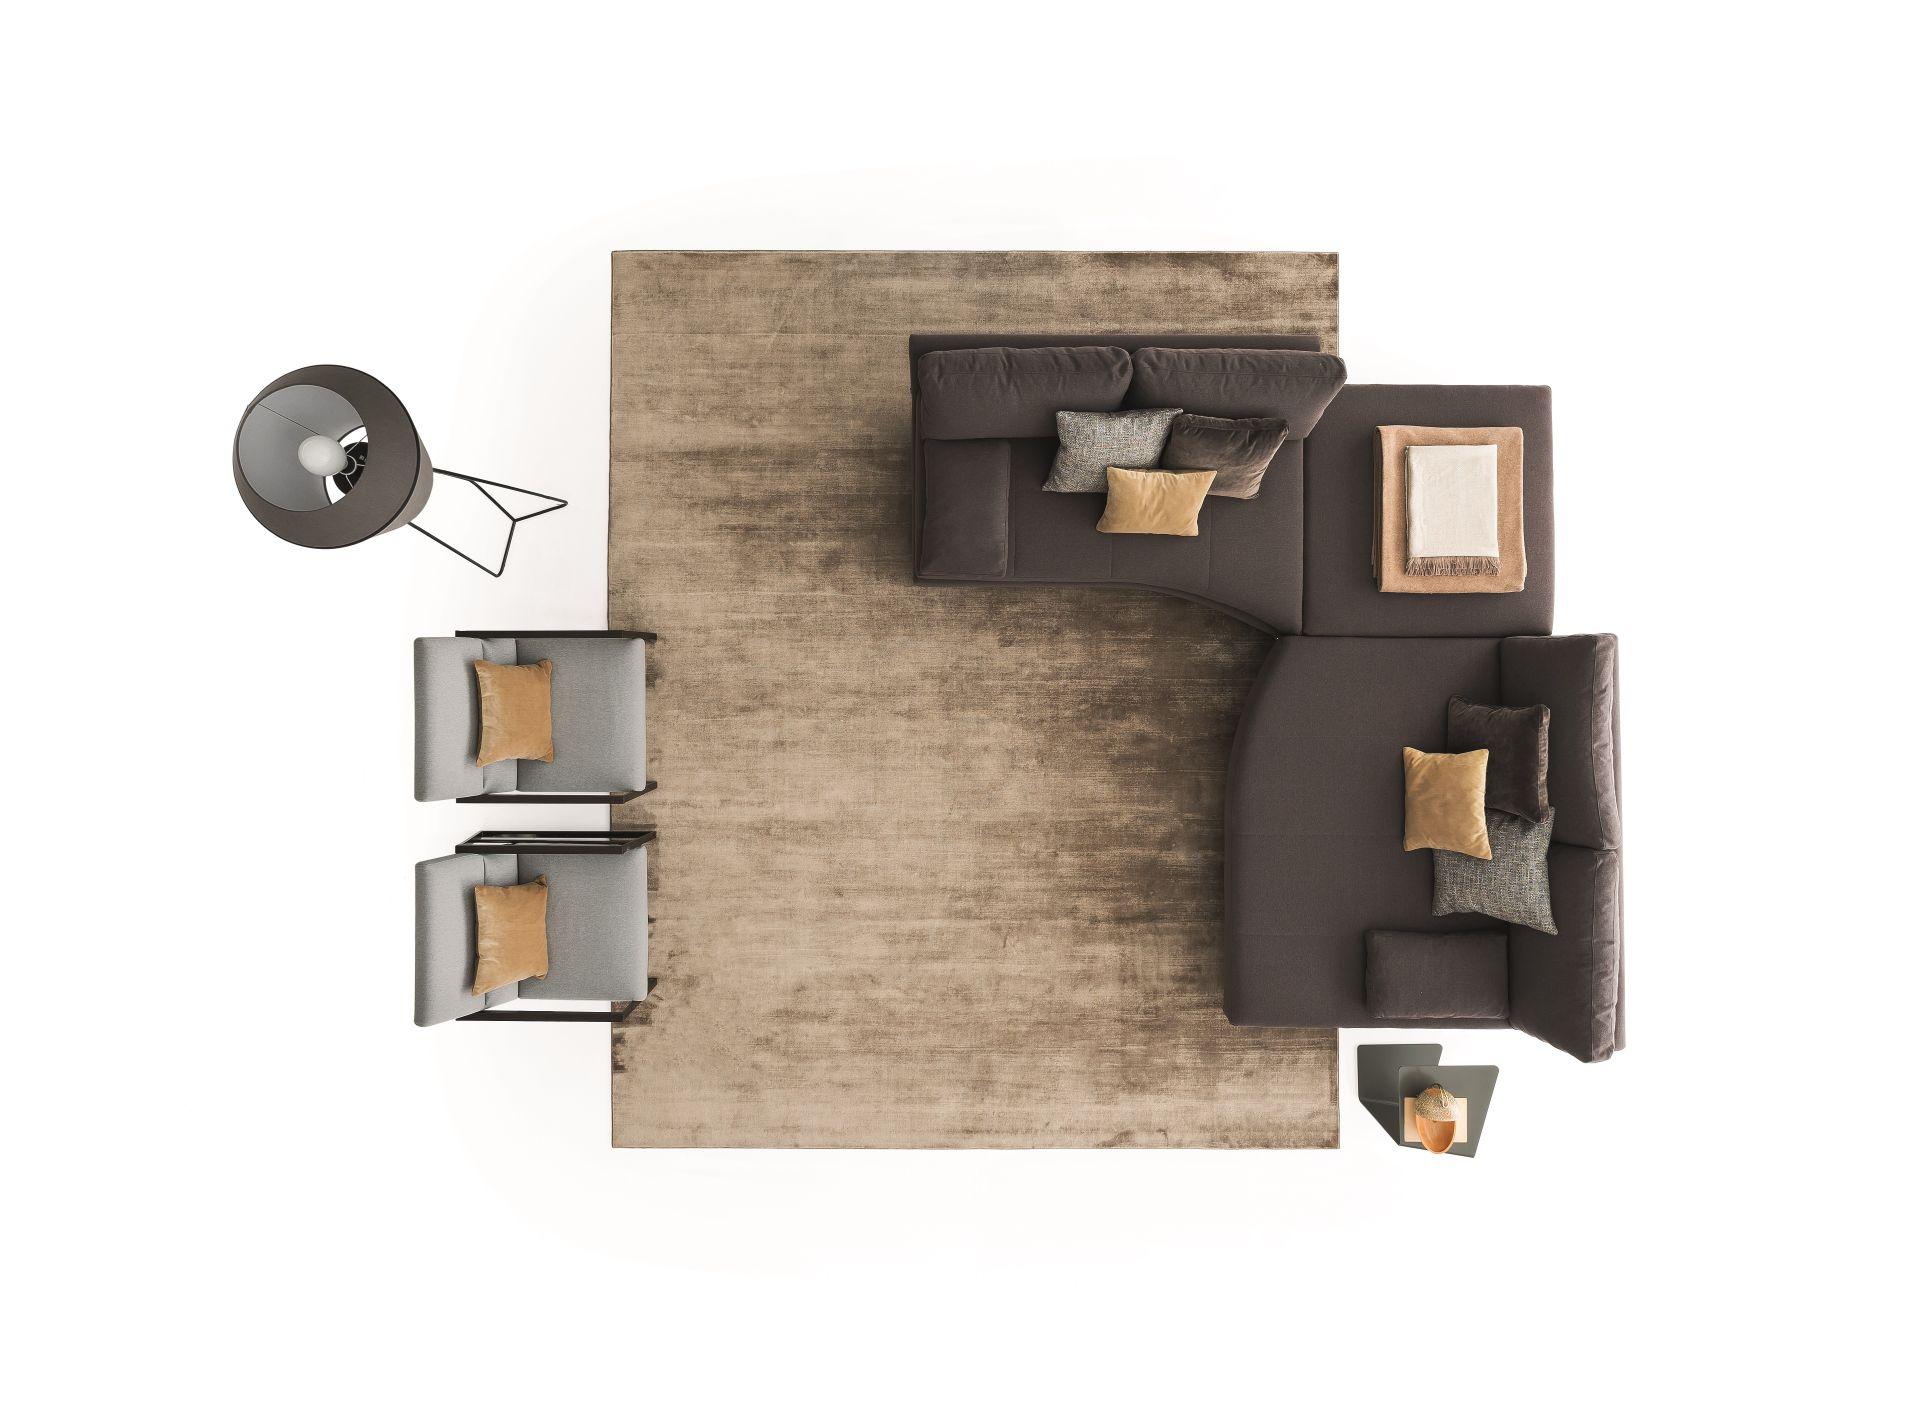 Ditre italia stile più comfort giorno e notte design diffusion